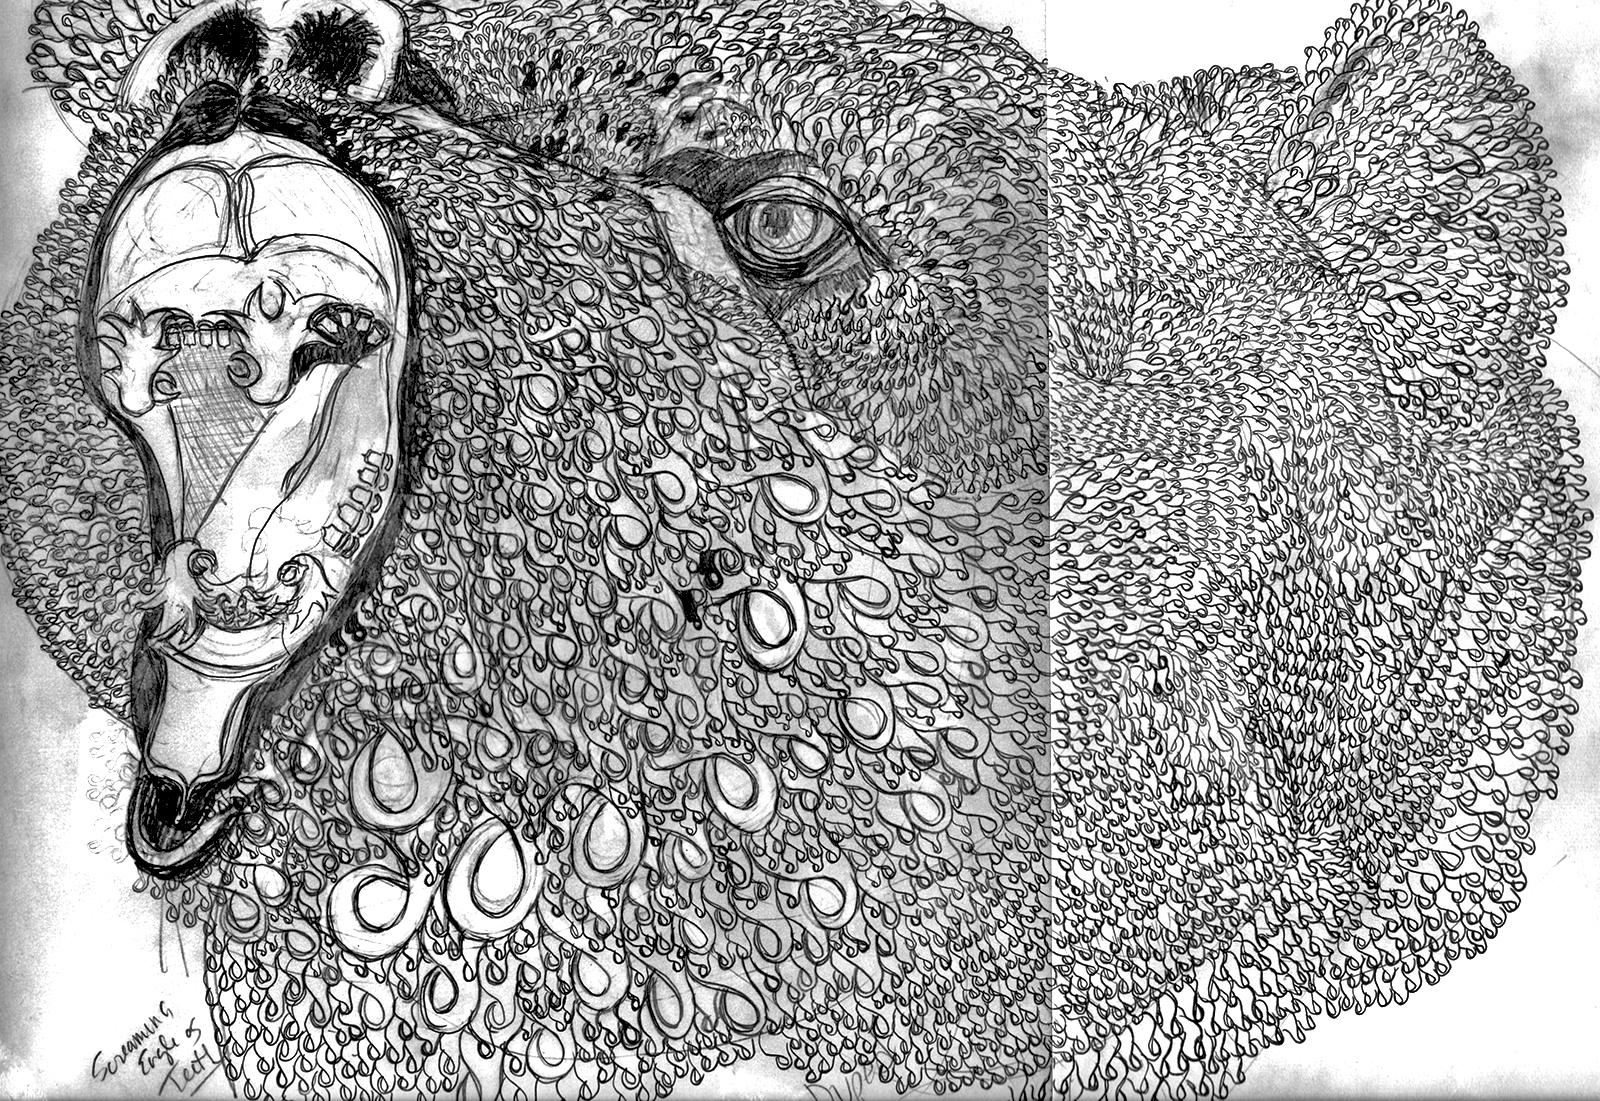 Yvette M Pino-Duped, Prepatory Sketch-Yvette Pino photo-2016.jpg